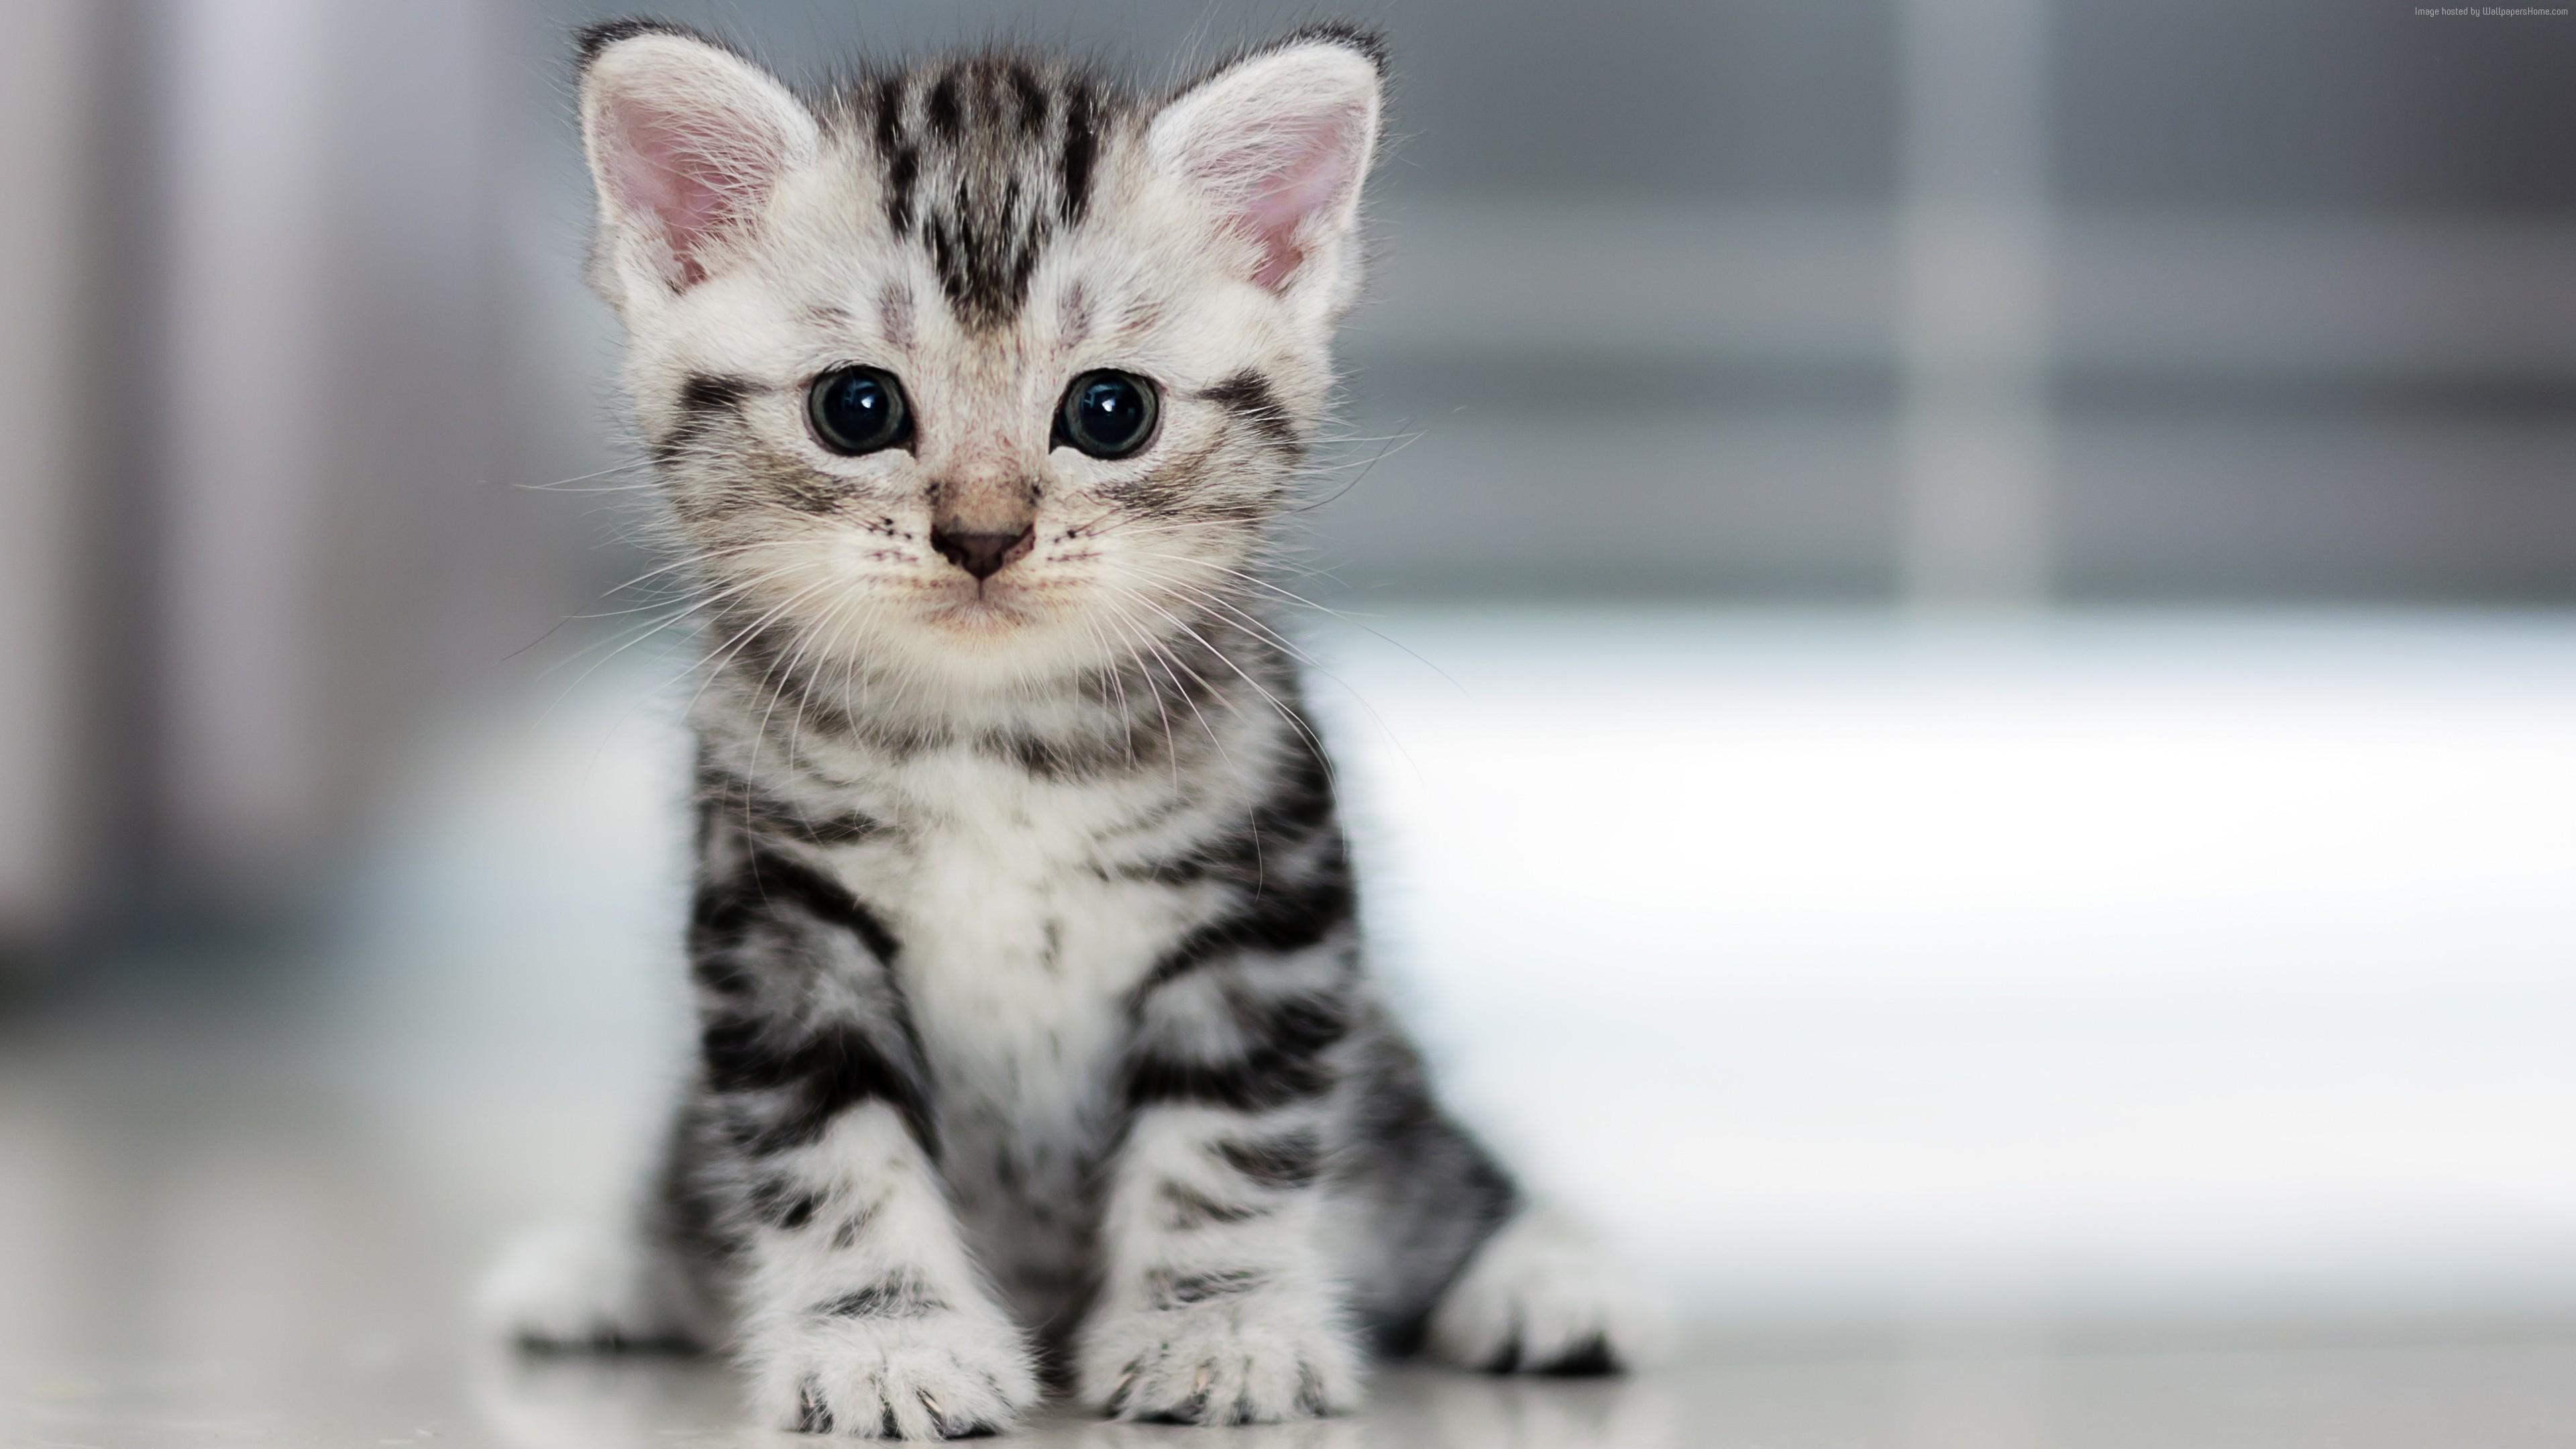 Wallpaper Kitten Cat cute 4K Animals Wallpaper Download   High 3840x2160